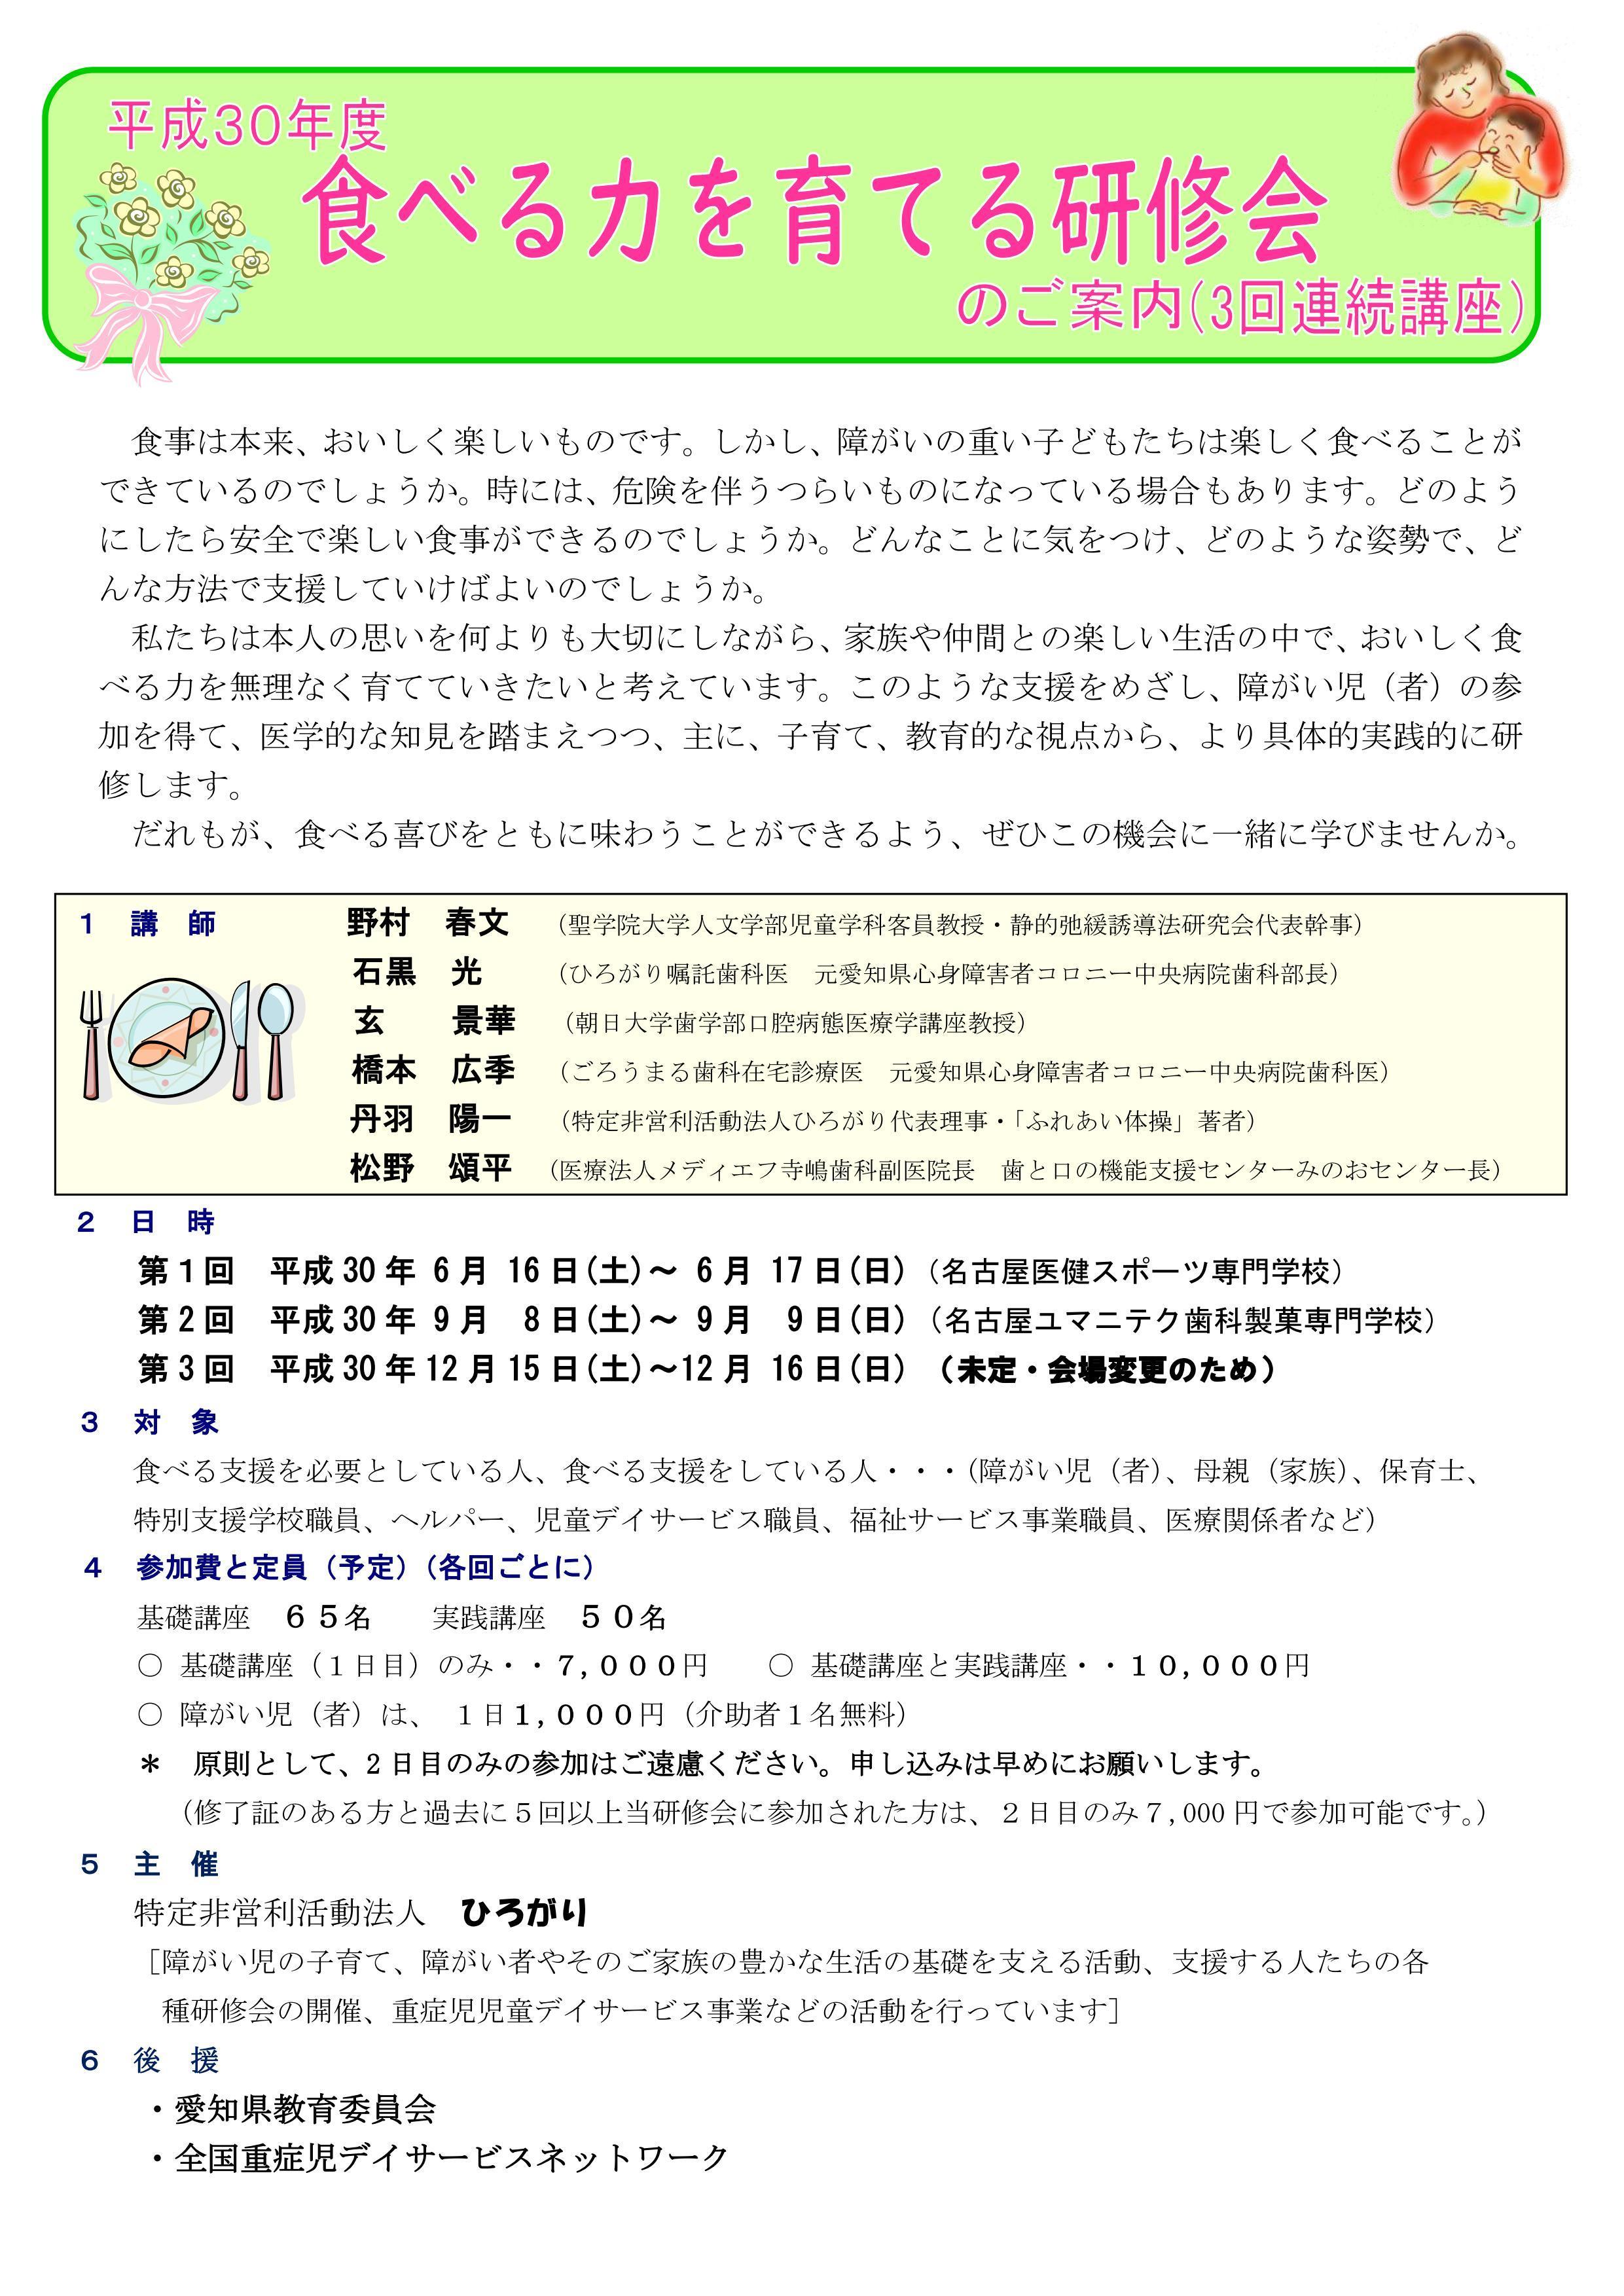 H30第1回食べる力募集案内-1_01.jpg